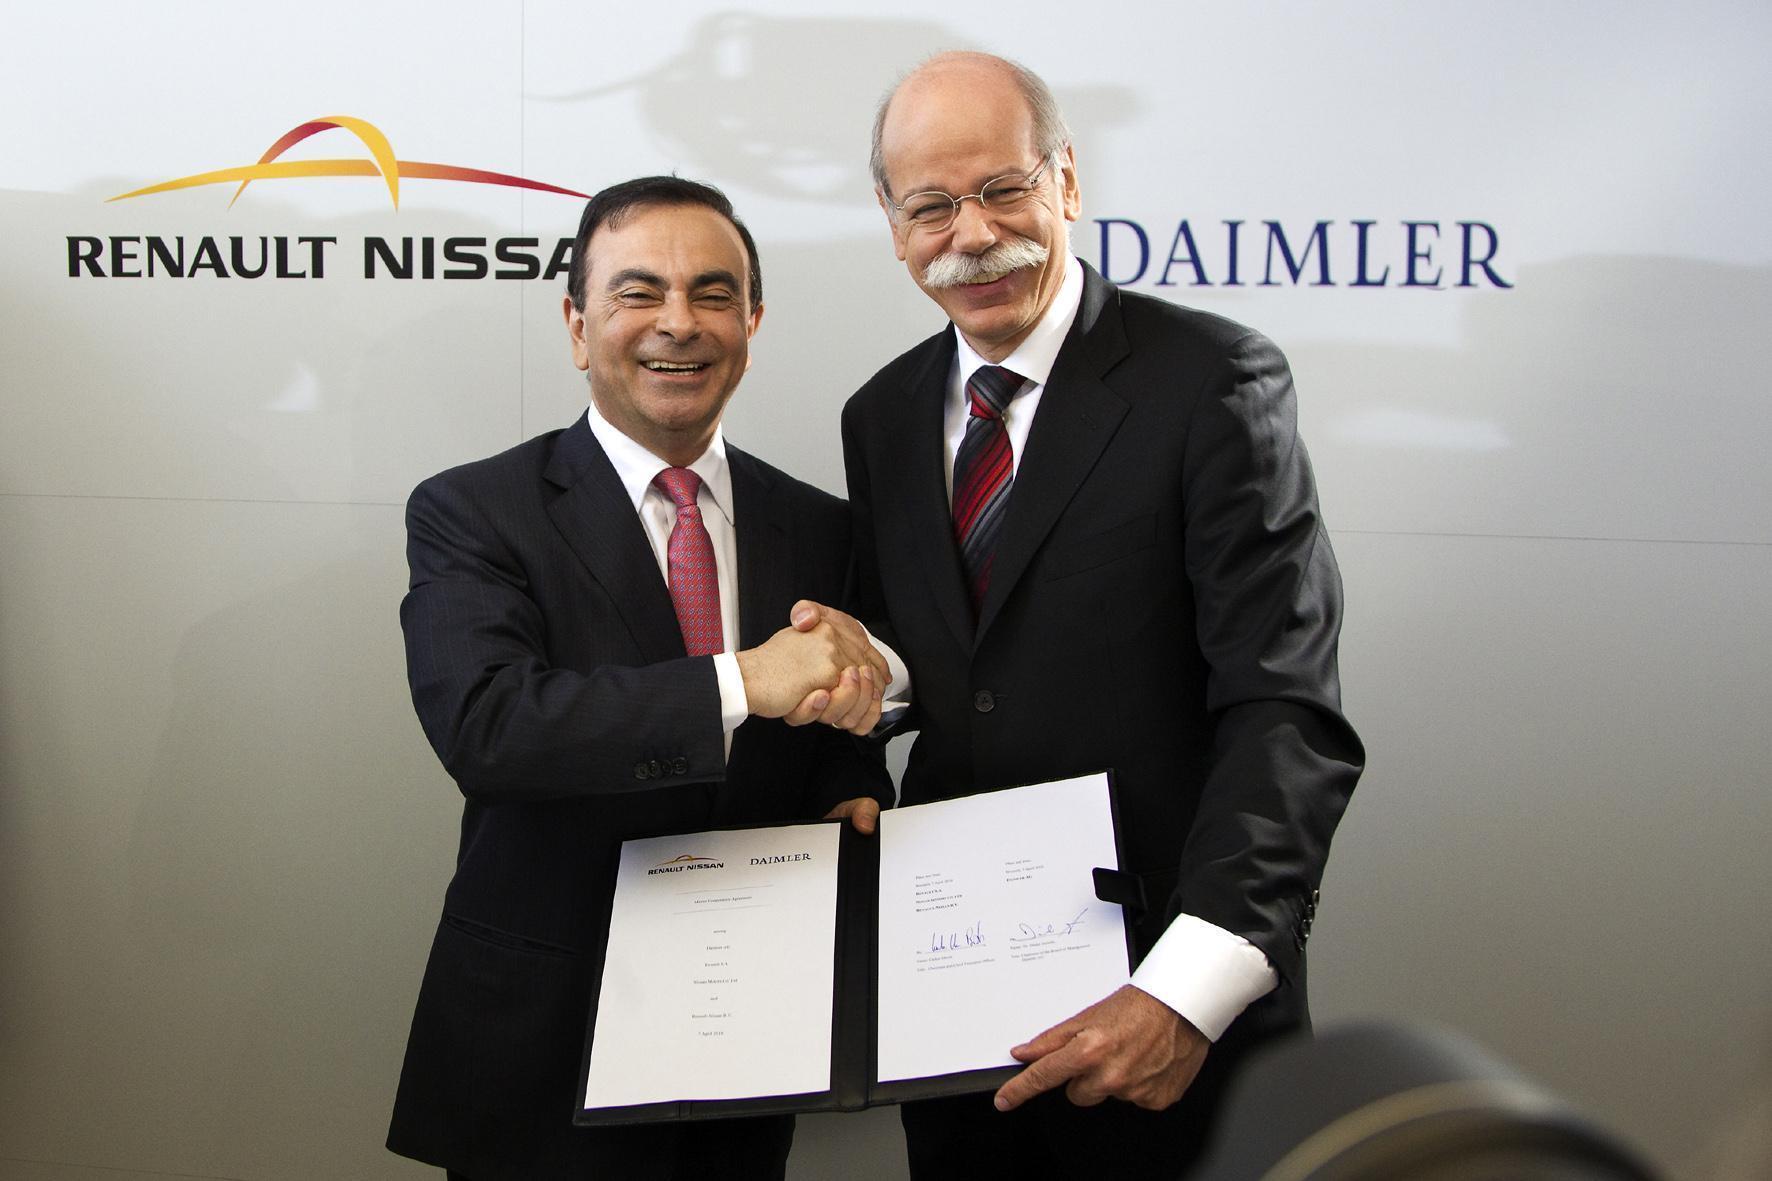 mid Düsseldorf - Renault-Nissan und Daimler weiten ihre 2010 begründete Kooperation durch den Bau einer gemeinsamen Fabrik in Mexiko aus. Im Bild: Renault-Nissan-Chef Carlos Ghosn und Dr. Dieter Zetsche, Vorsitzender des Vorstands der Daimler AG.